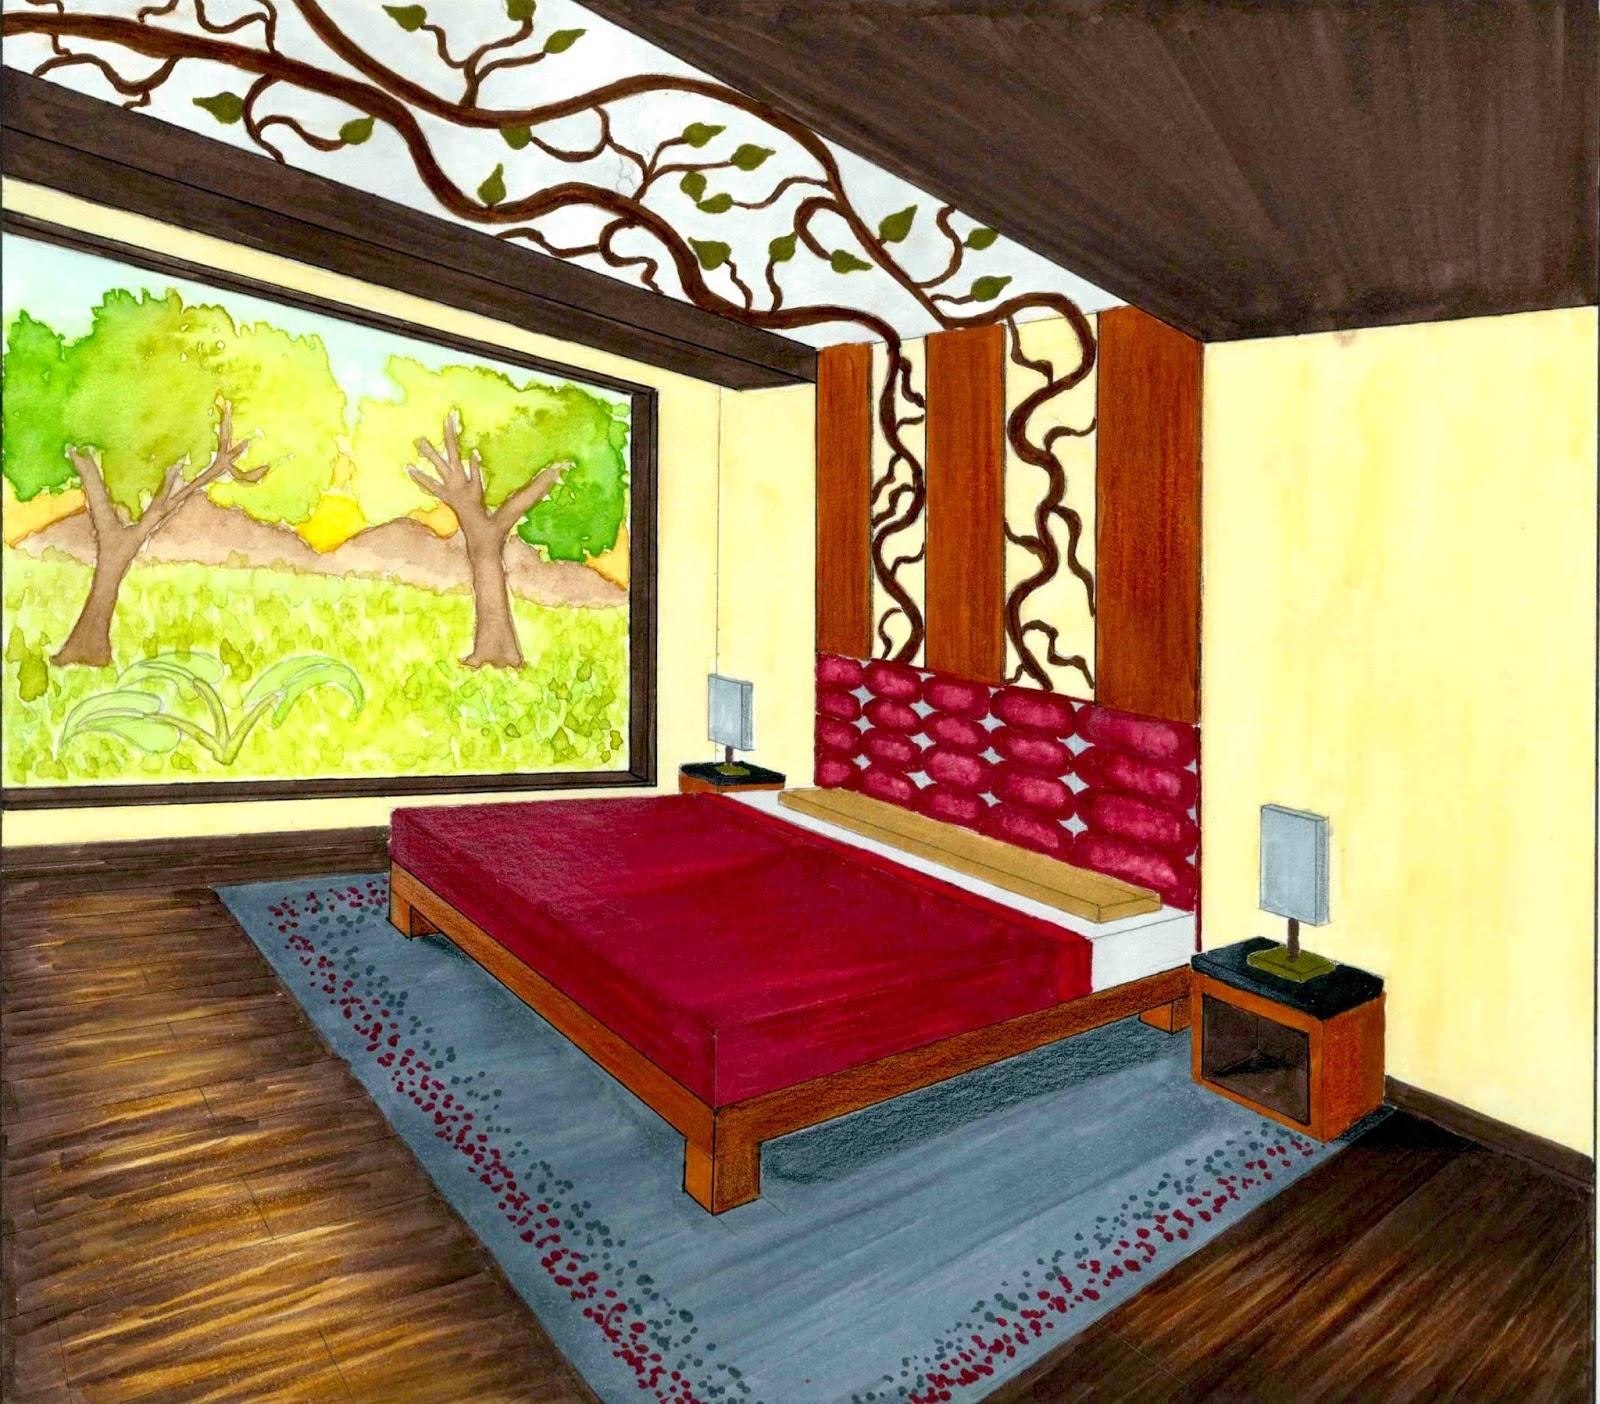 Dormitorio Dibujo ~ Dibujo dormitorio Imagui